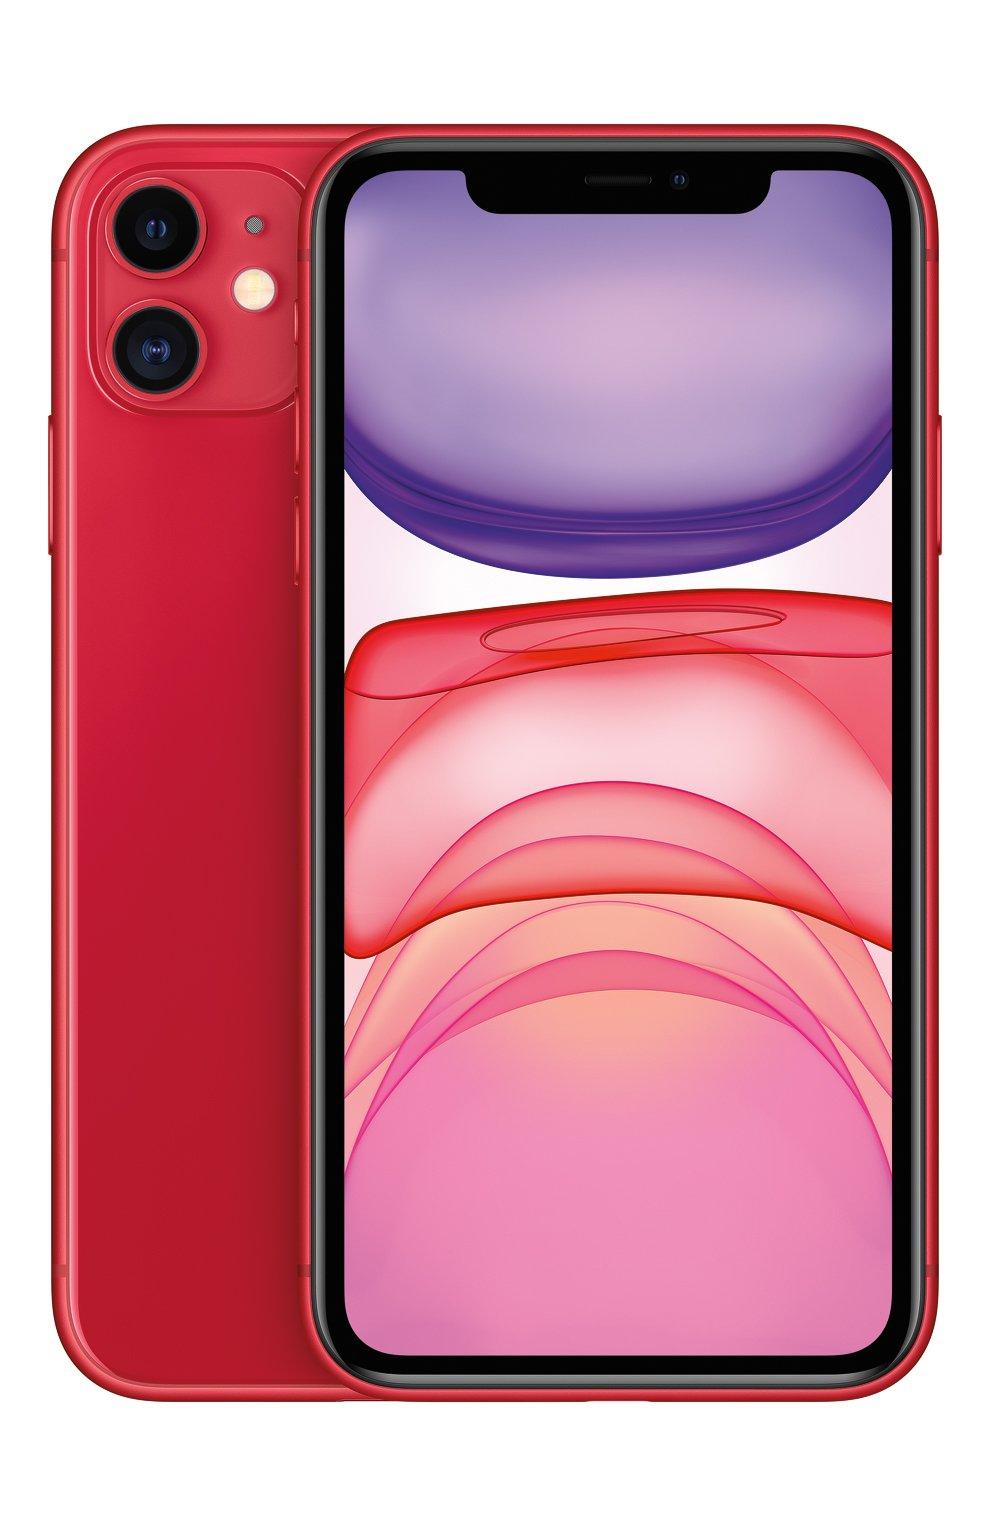 Мужской iphone 11 128gb (product)red APPLE  (product)red цвета, арт. MWM32RU/A   Фото 2